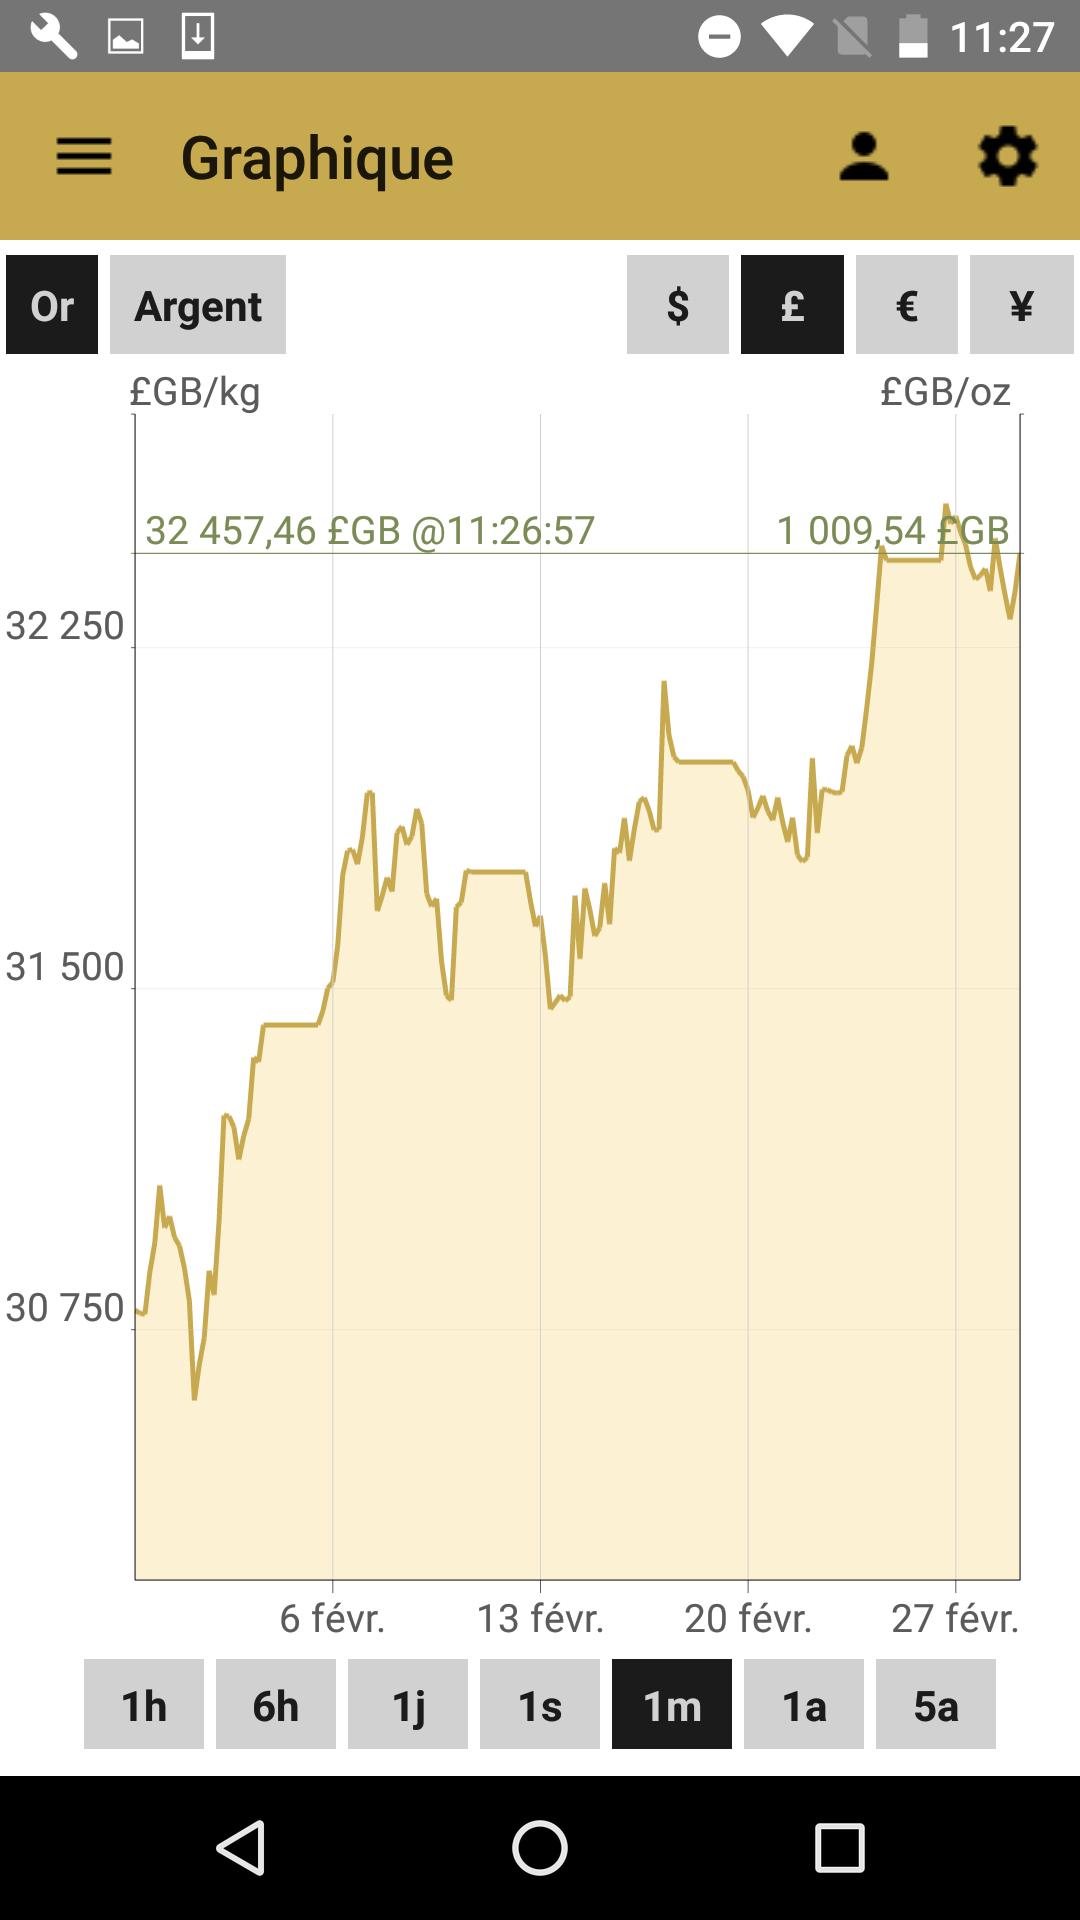 Ecran du graphique des cours de l'or, application Android